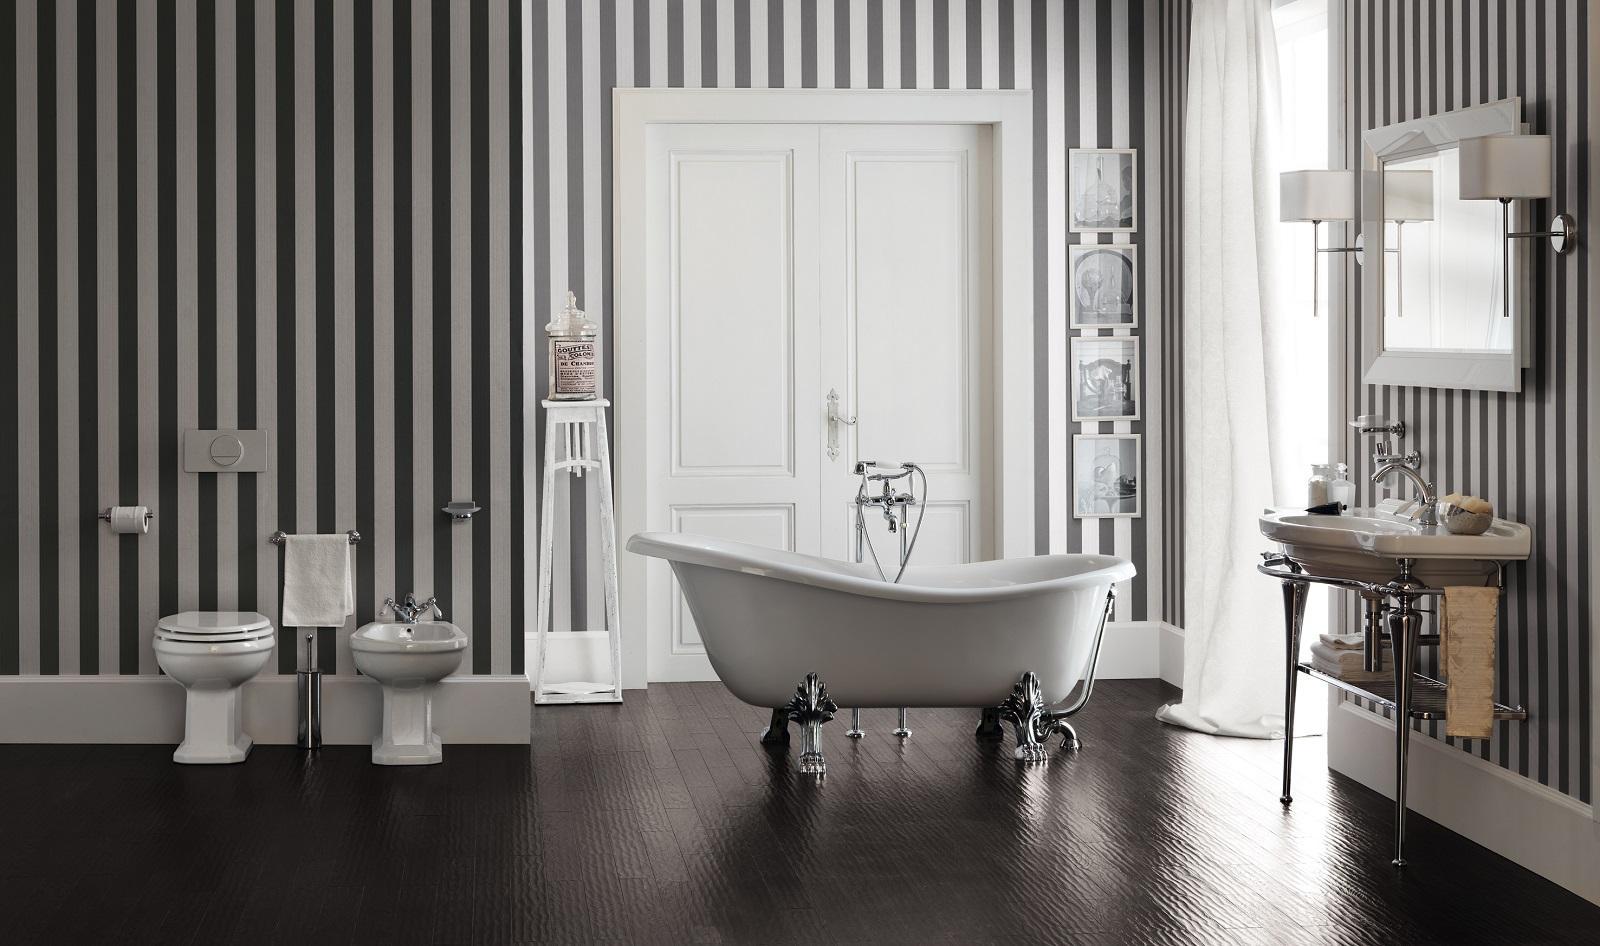 Vasca Da Bagno Materiale : Vasche da bagno da appoggio i modelli di design più belli grazia